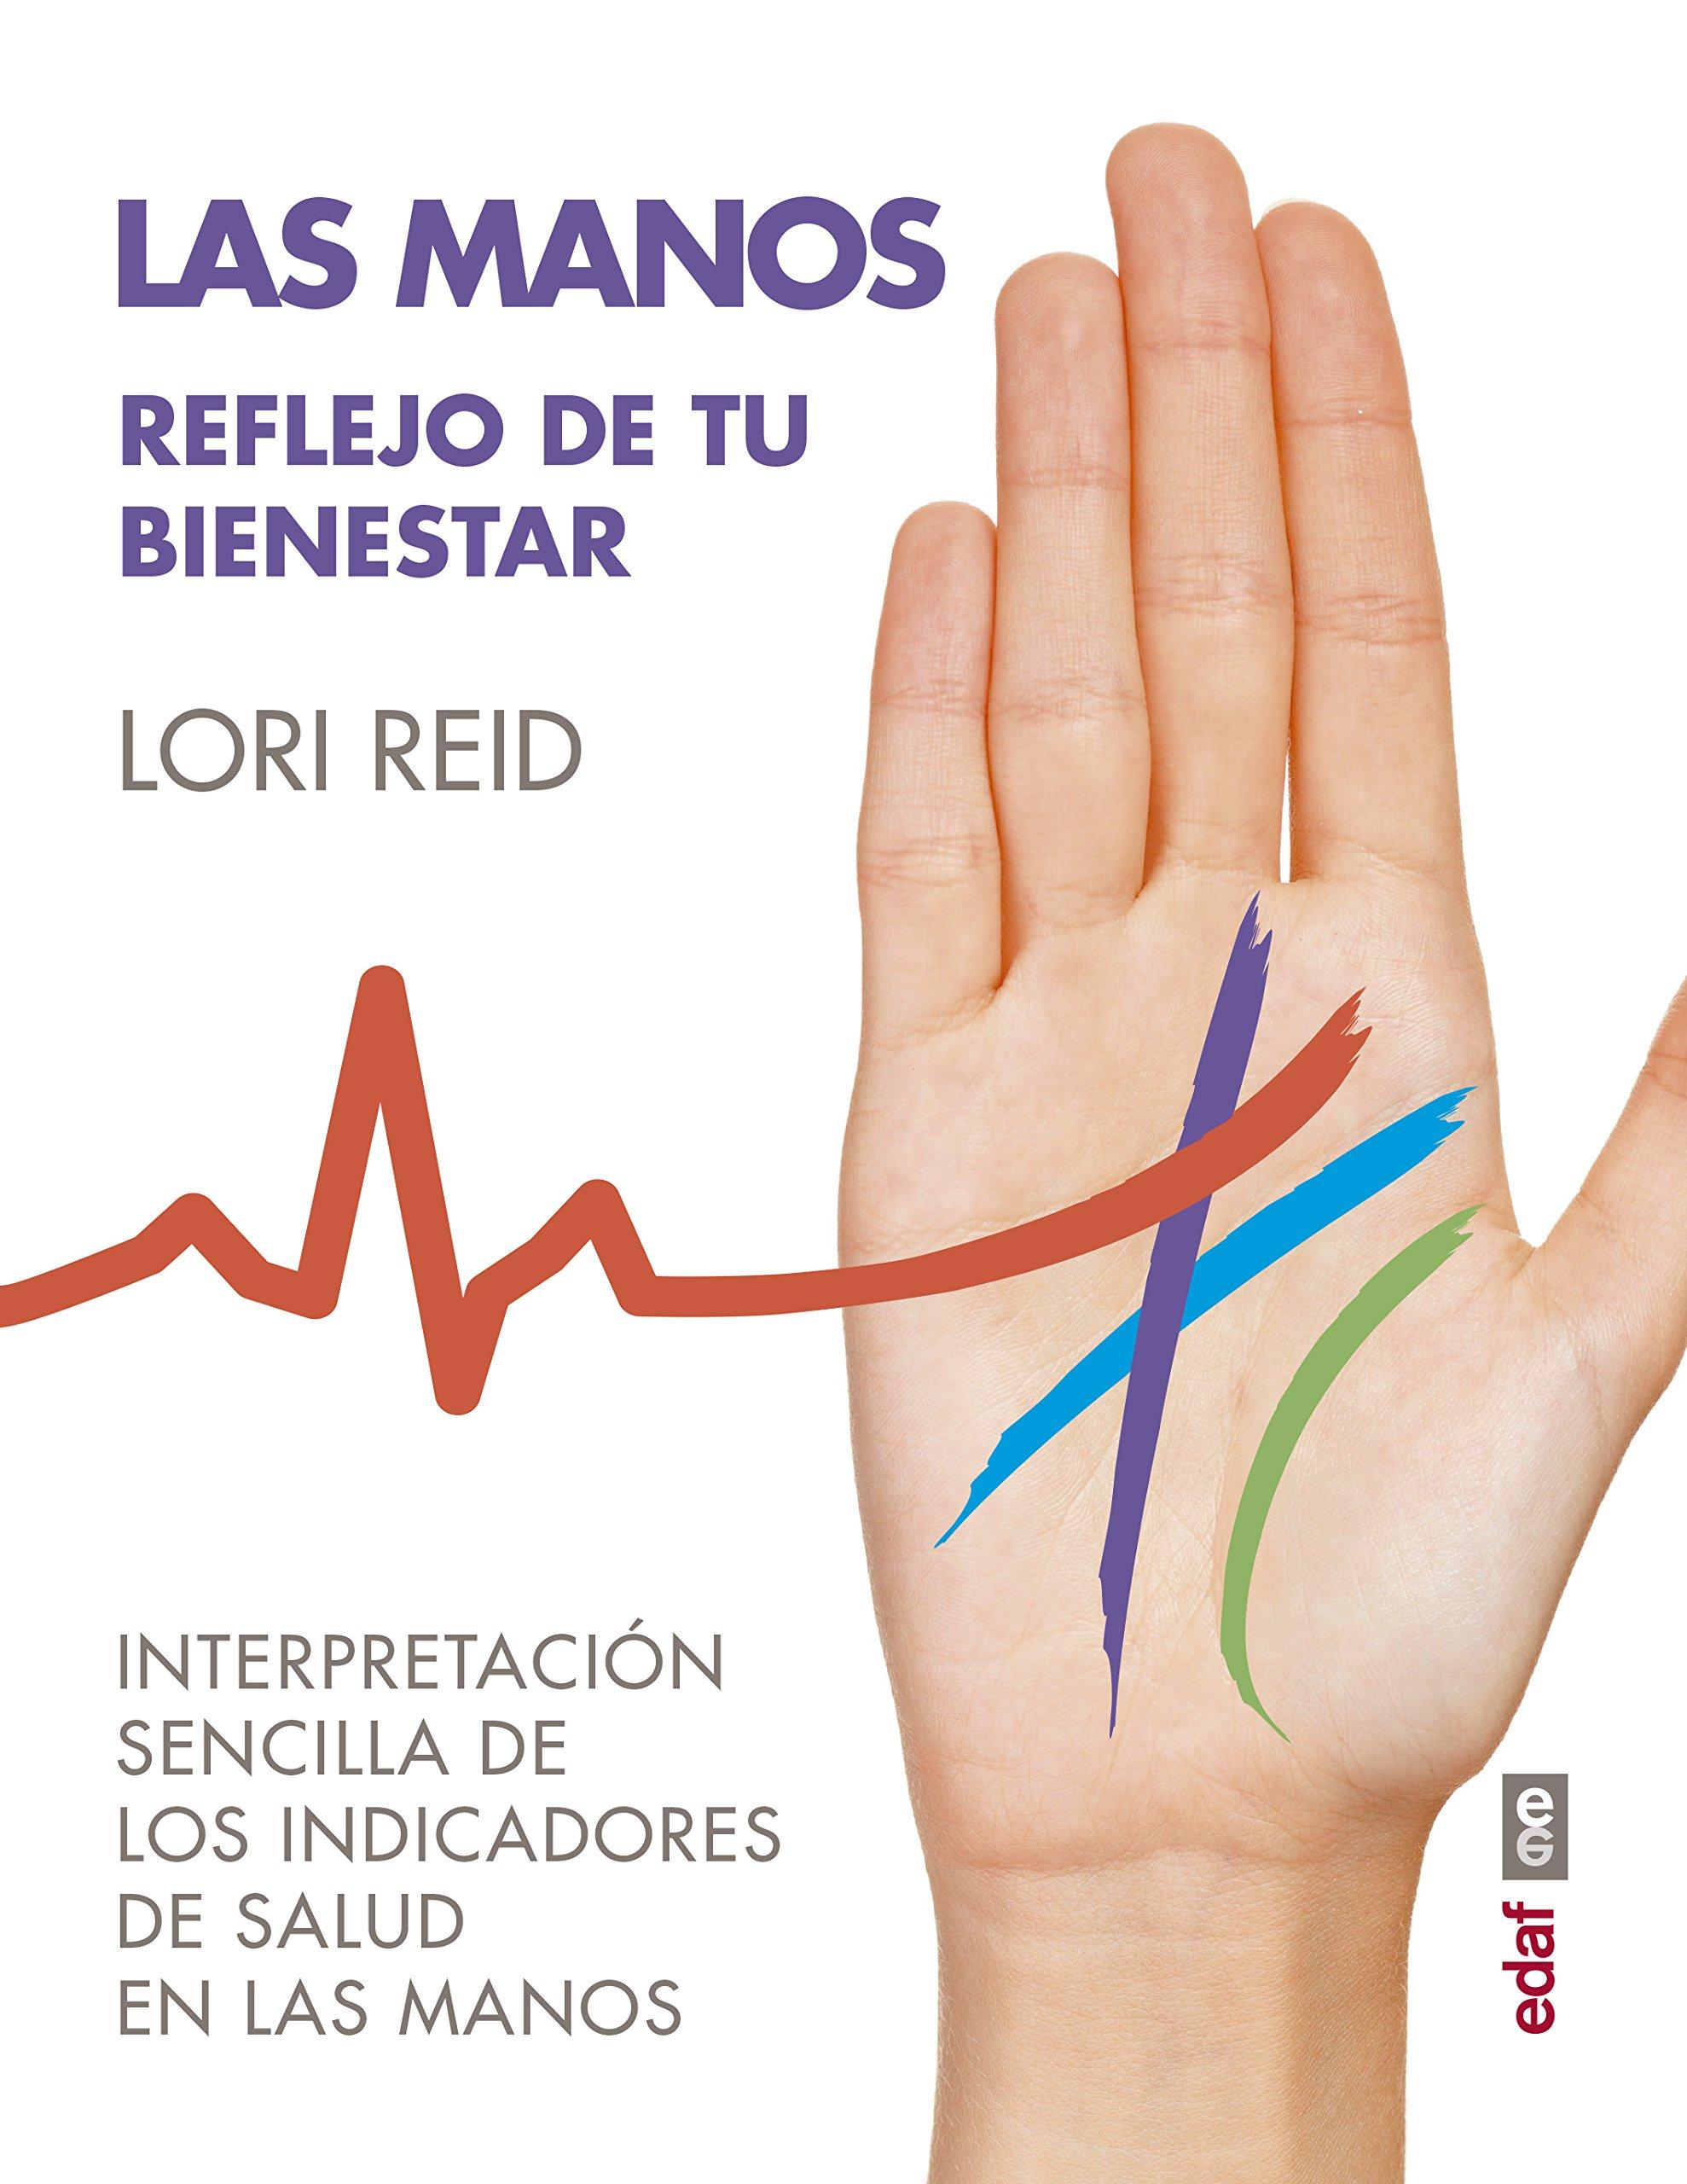 Las manos. Reflejo de tu bienestar (Spanish Edition)